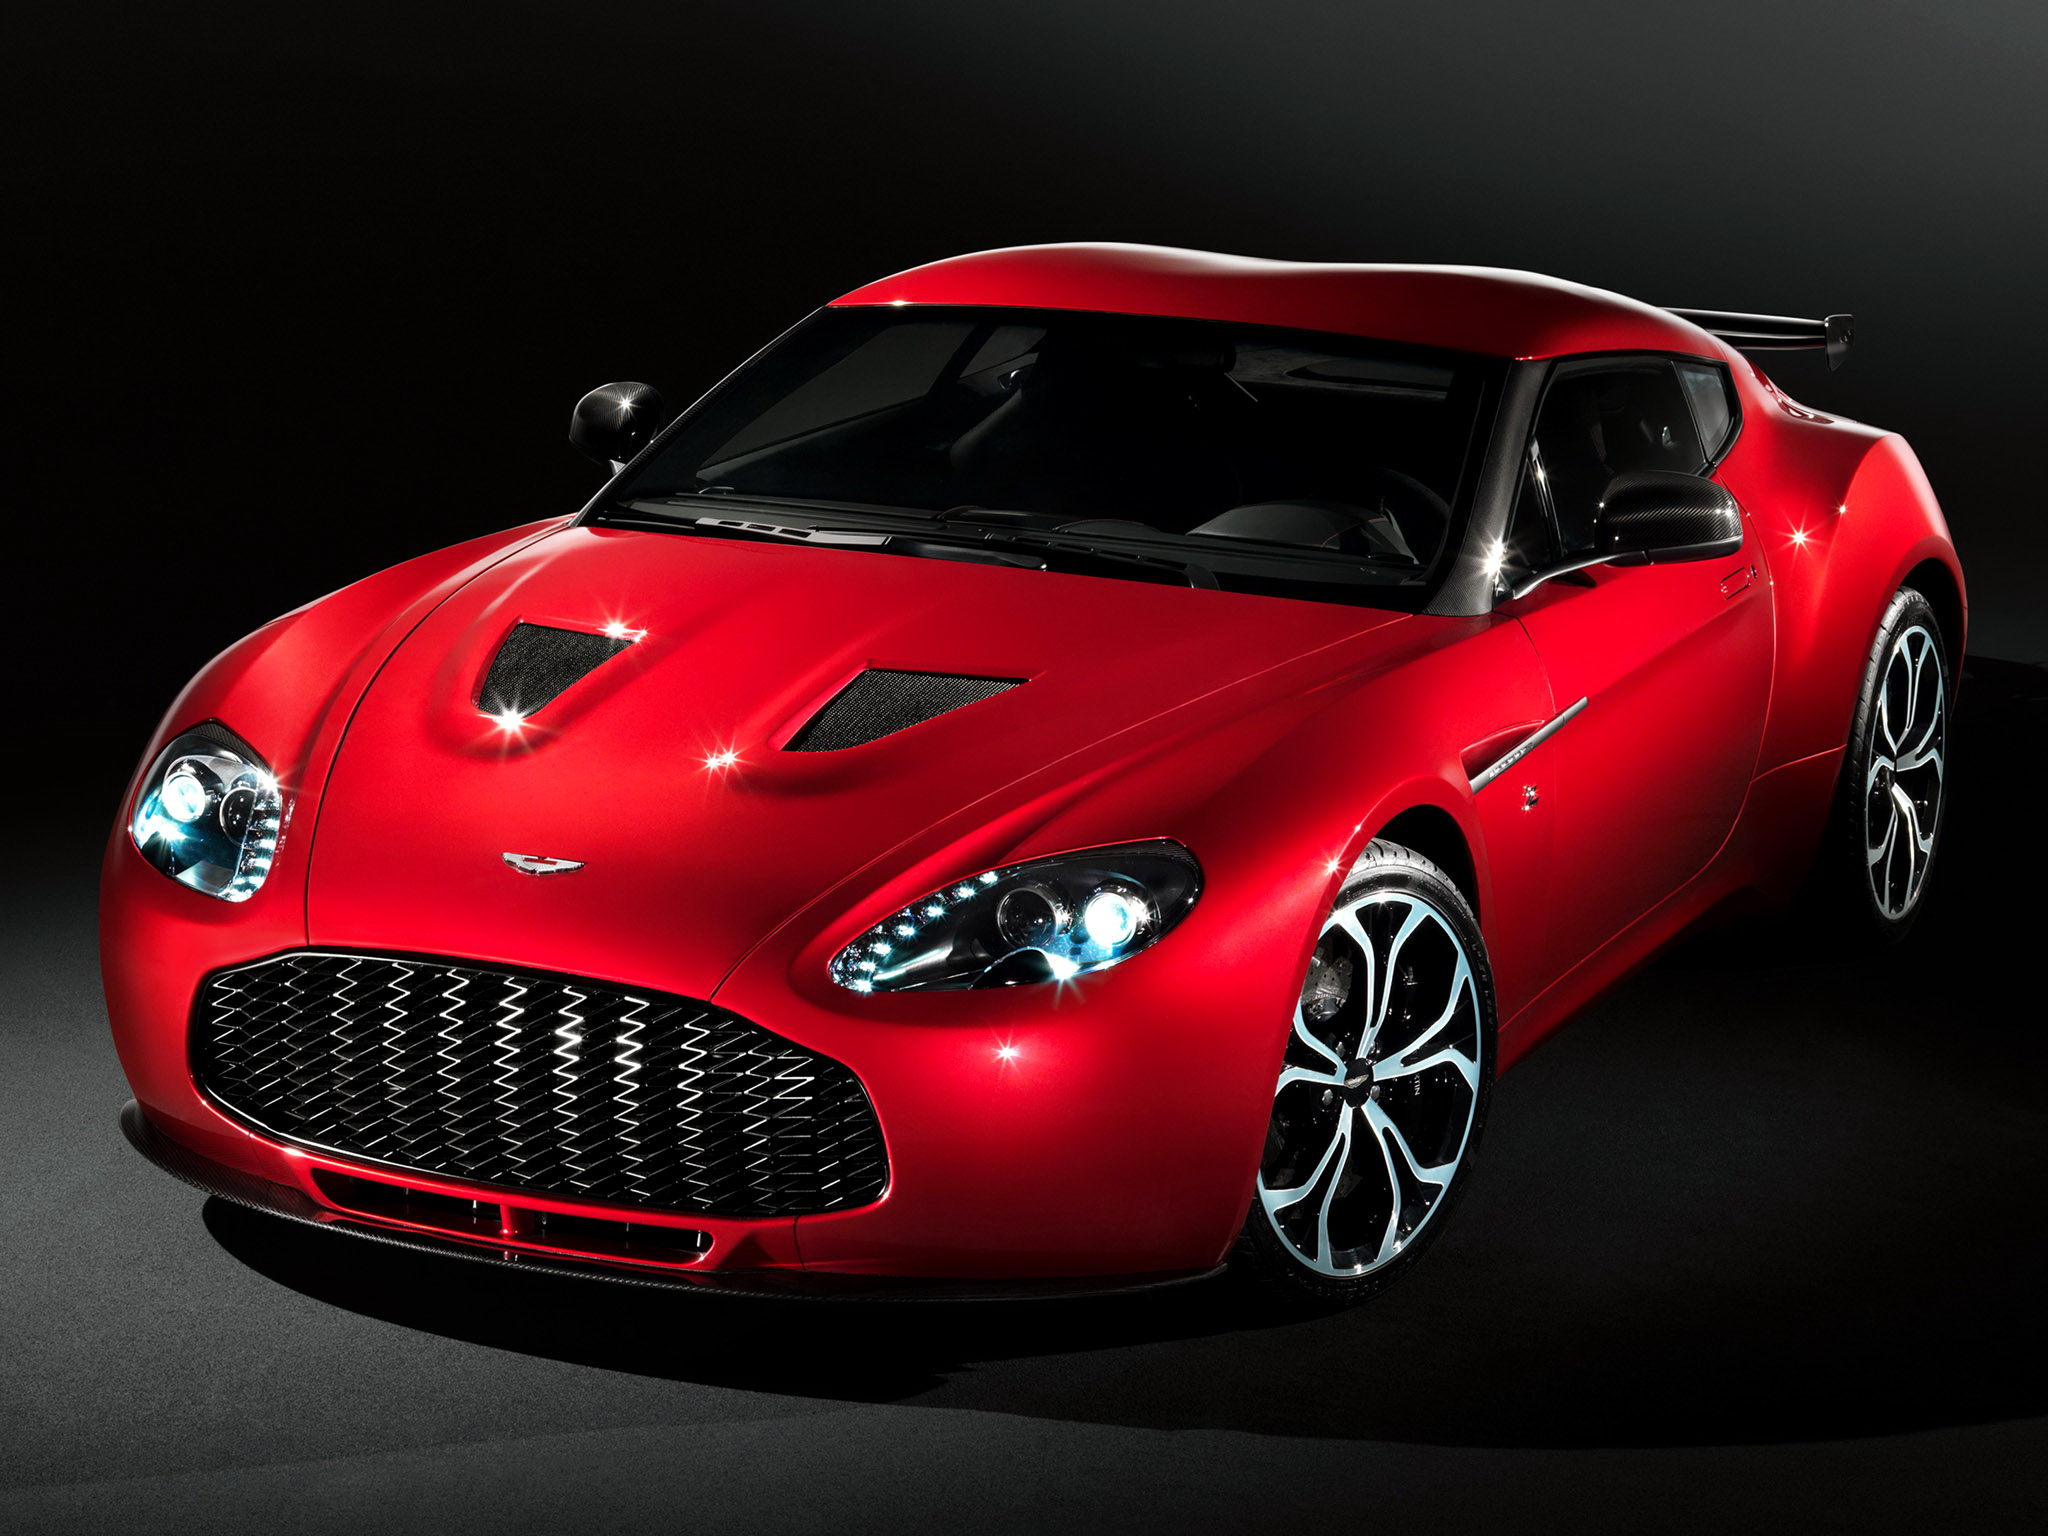 Photos Aston Martin V12 Zagato 2012 Cars 2048x1536